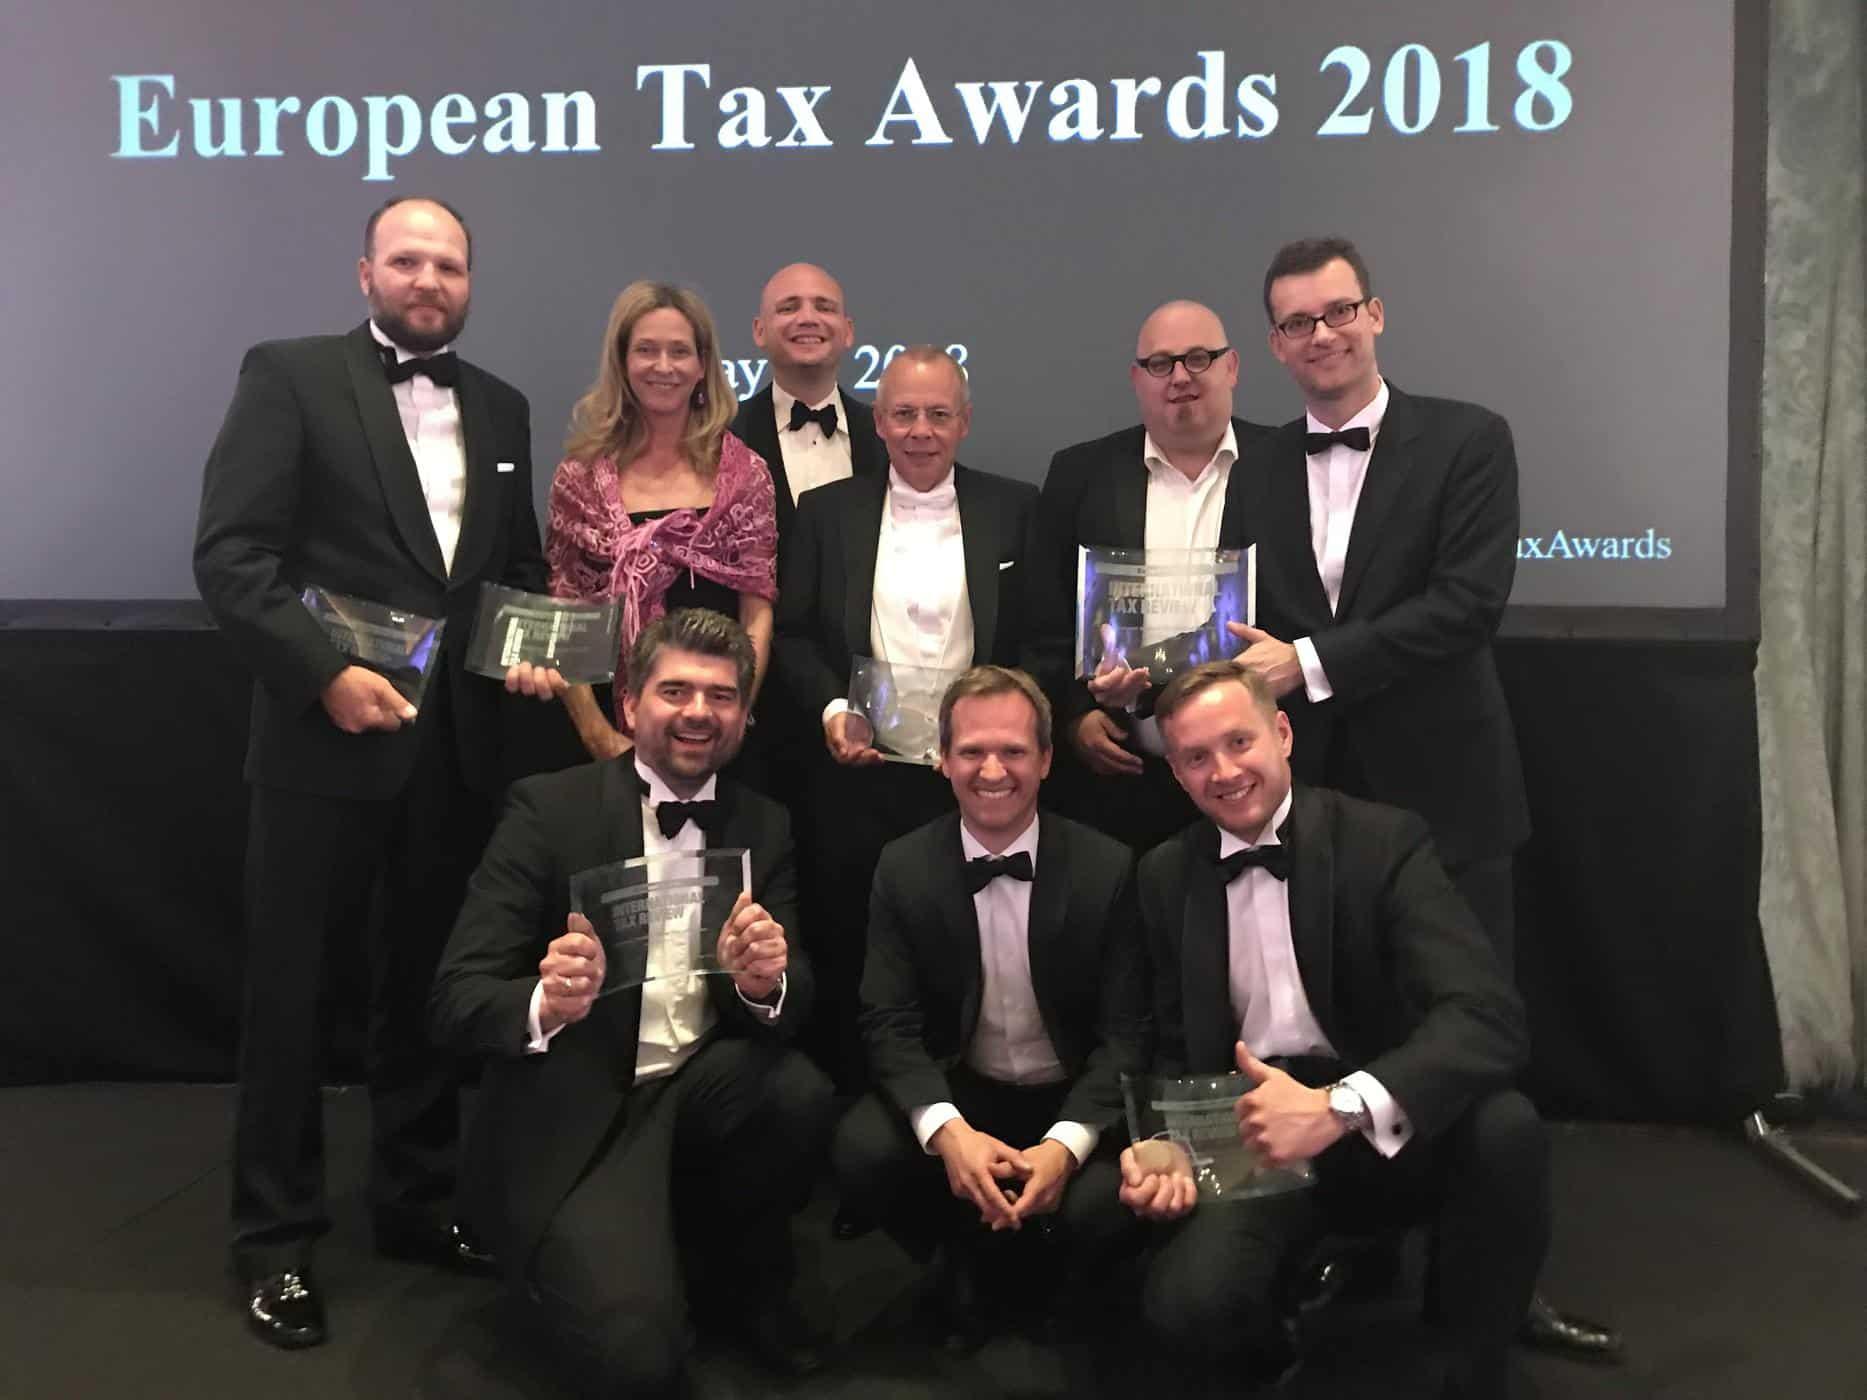 ETA2018 awards